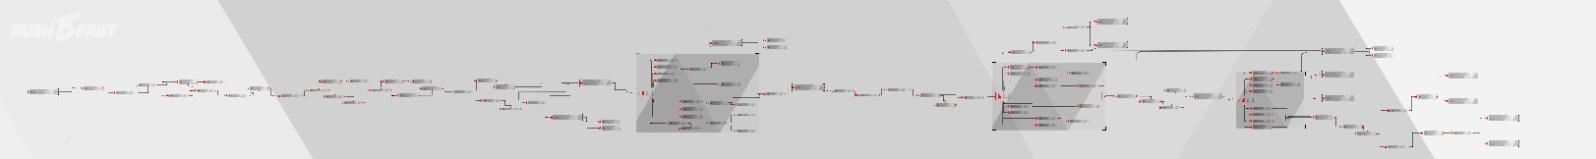 Ausschnitt eines Kapitels im fortgeschrittenen Spielverlauf mit über 122 möglichen Interaktionen.